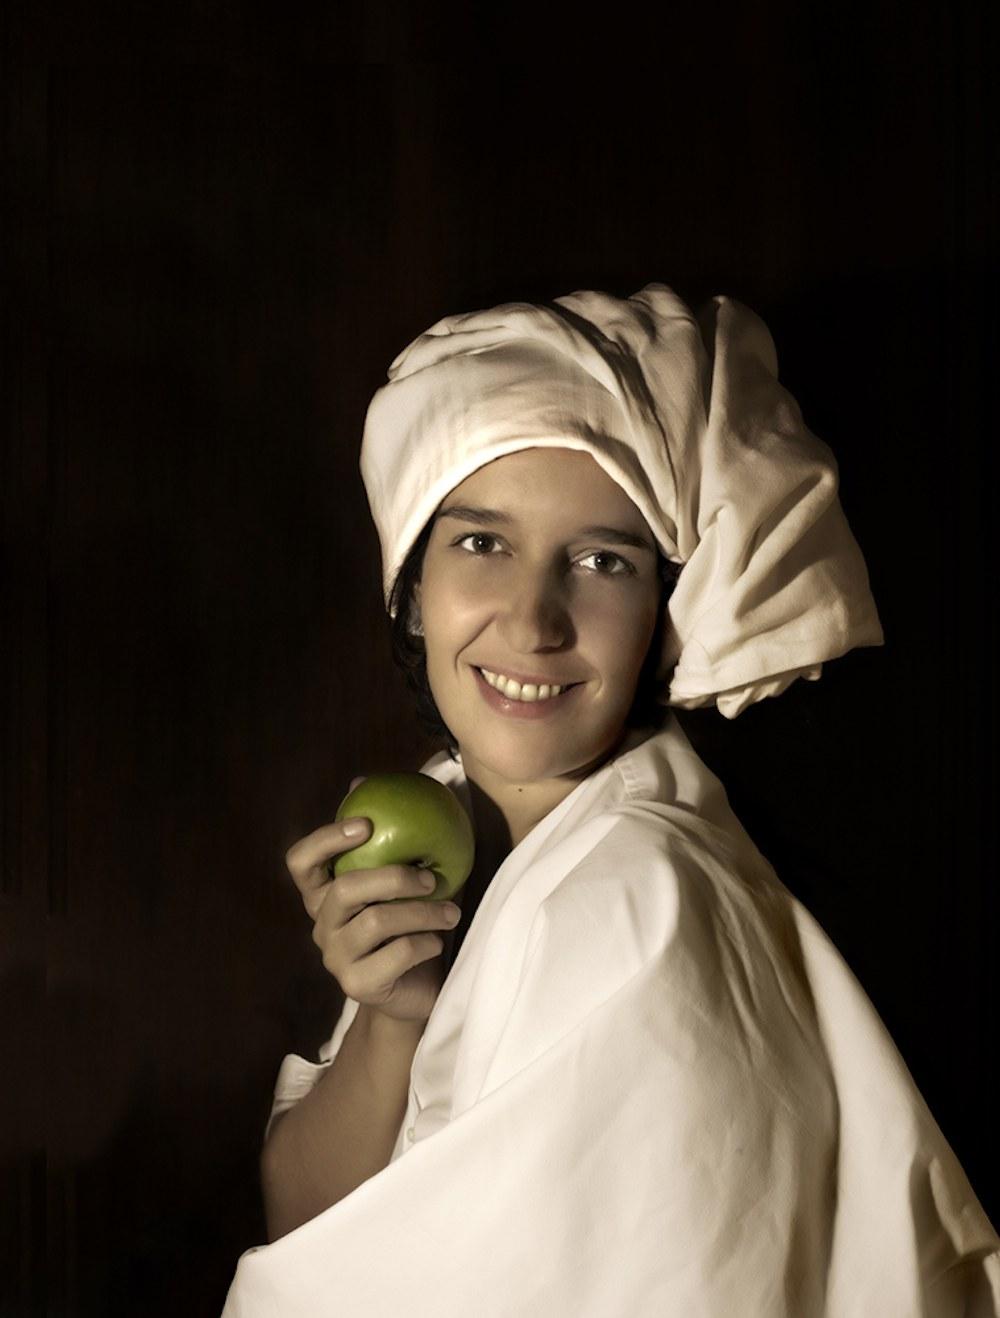 © Paula Anta | Naiara Valdano | Entrevista |Mujeres Mirando Mujeres | MMM17